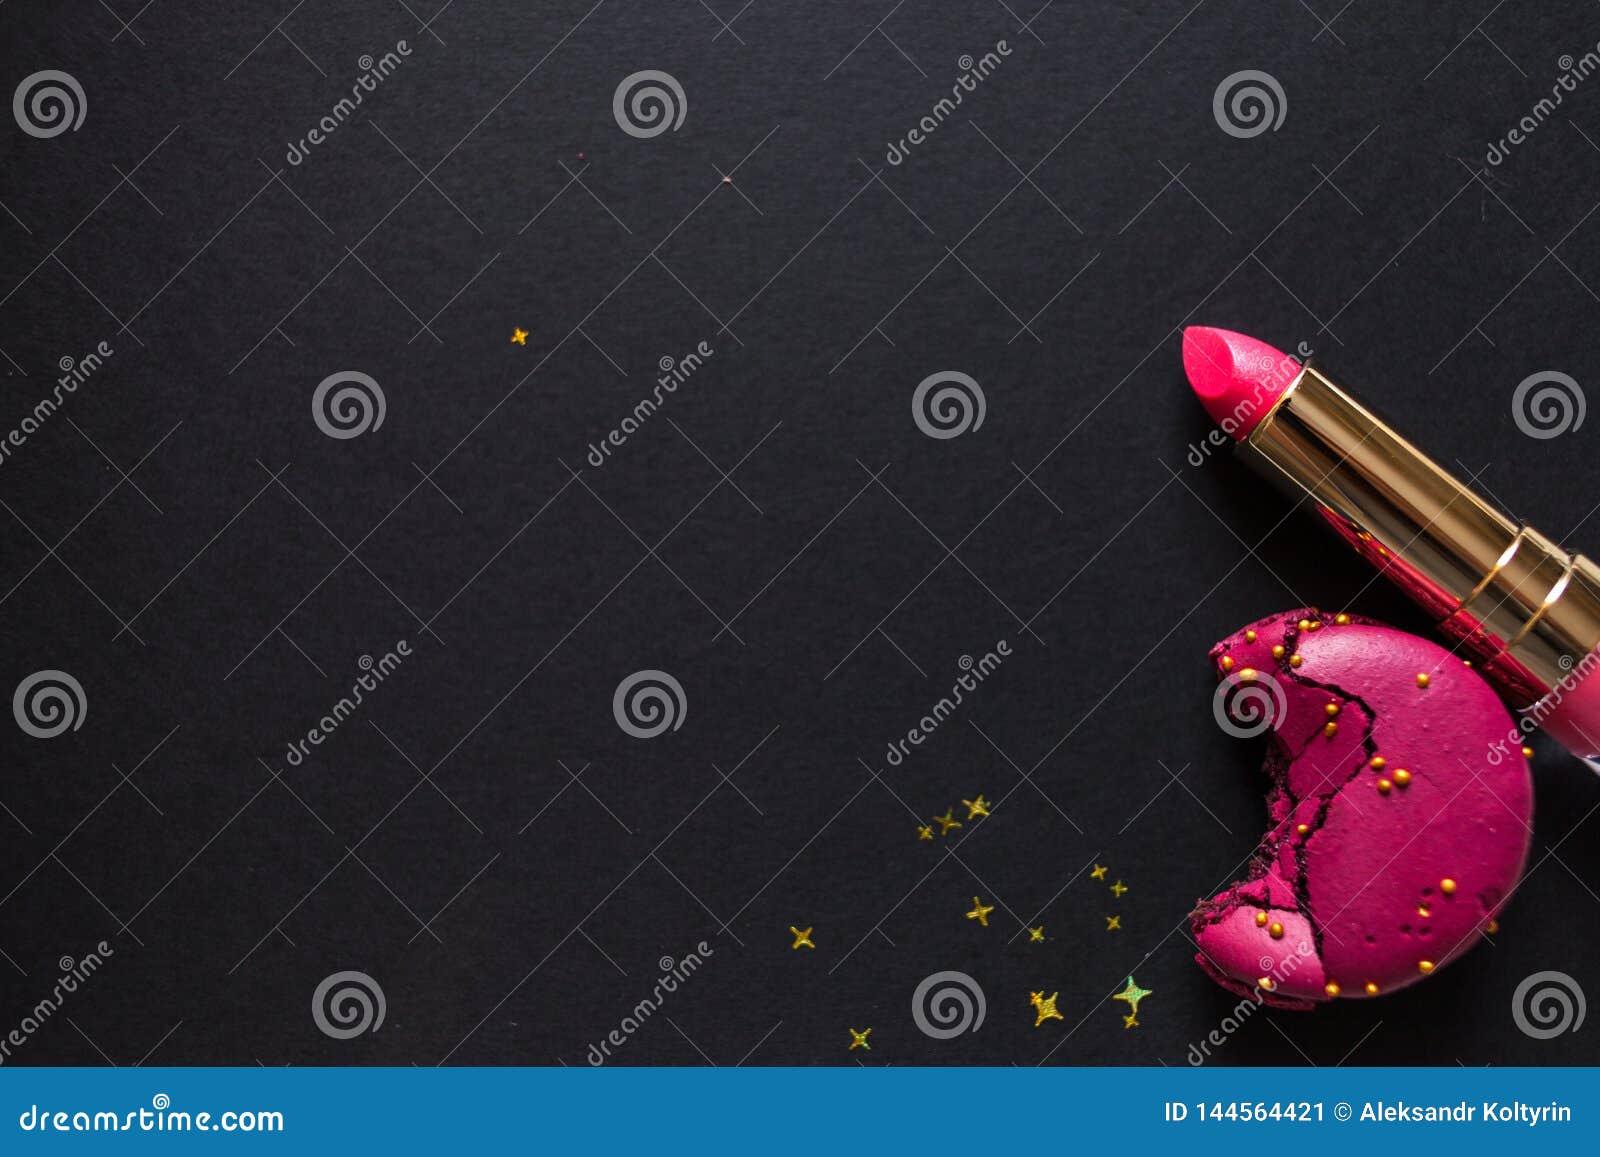 Vlak leg malplaatje, in betoverende elegante stijl, zwarte achtergrond, scharlaken lippenstift en gouden lovertjes